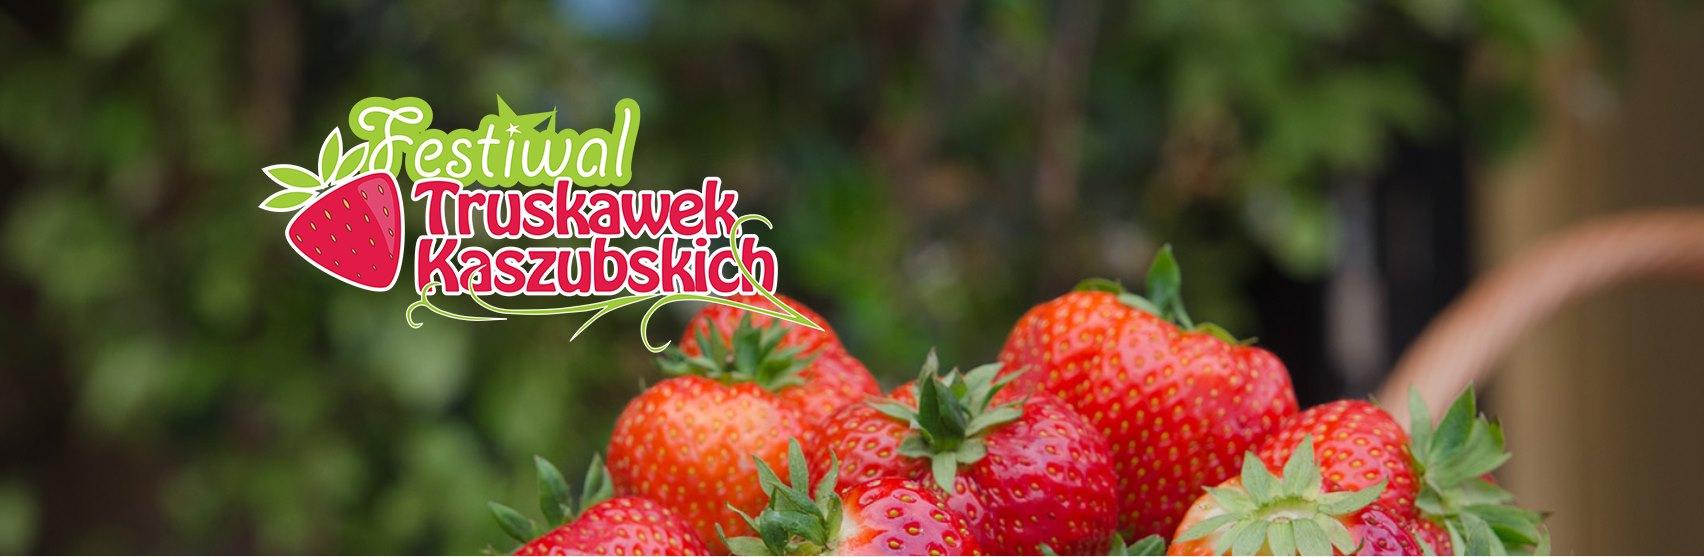 IV Festiwal Truskawek Kaszubskich - Chmielno 2019